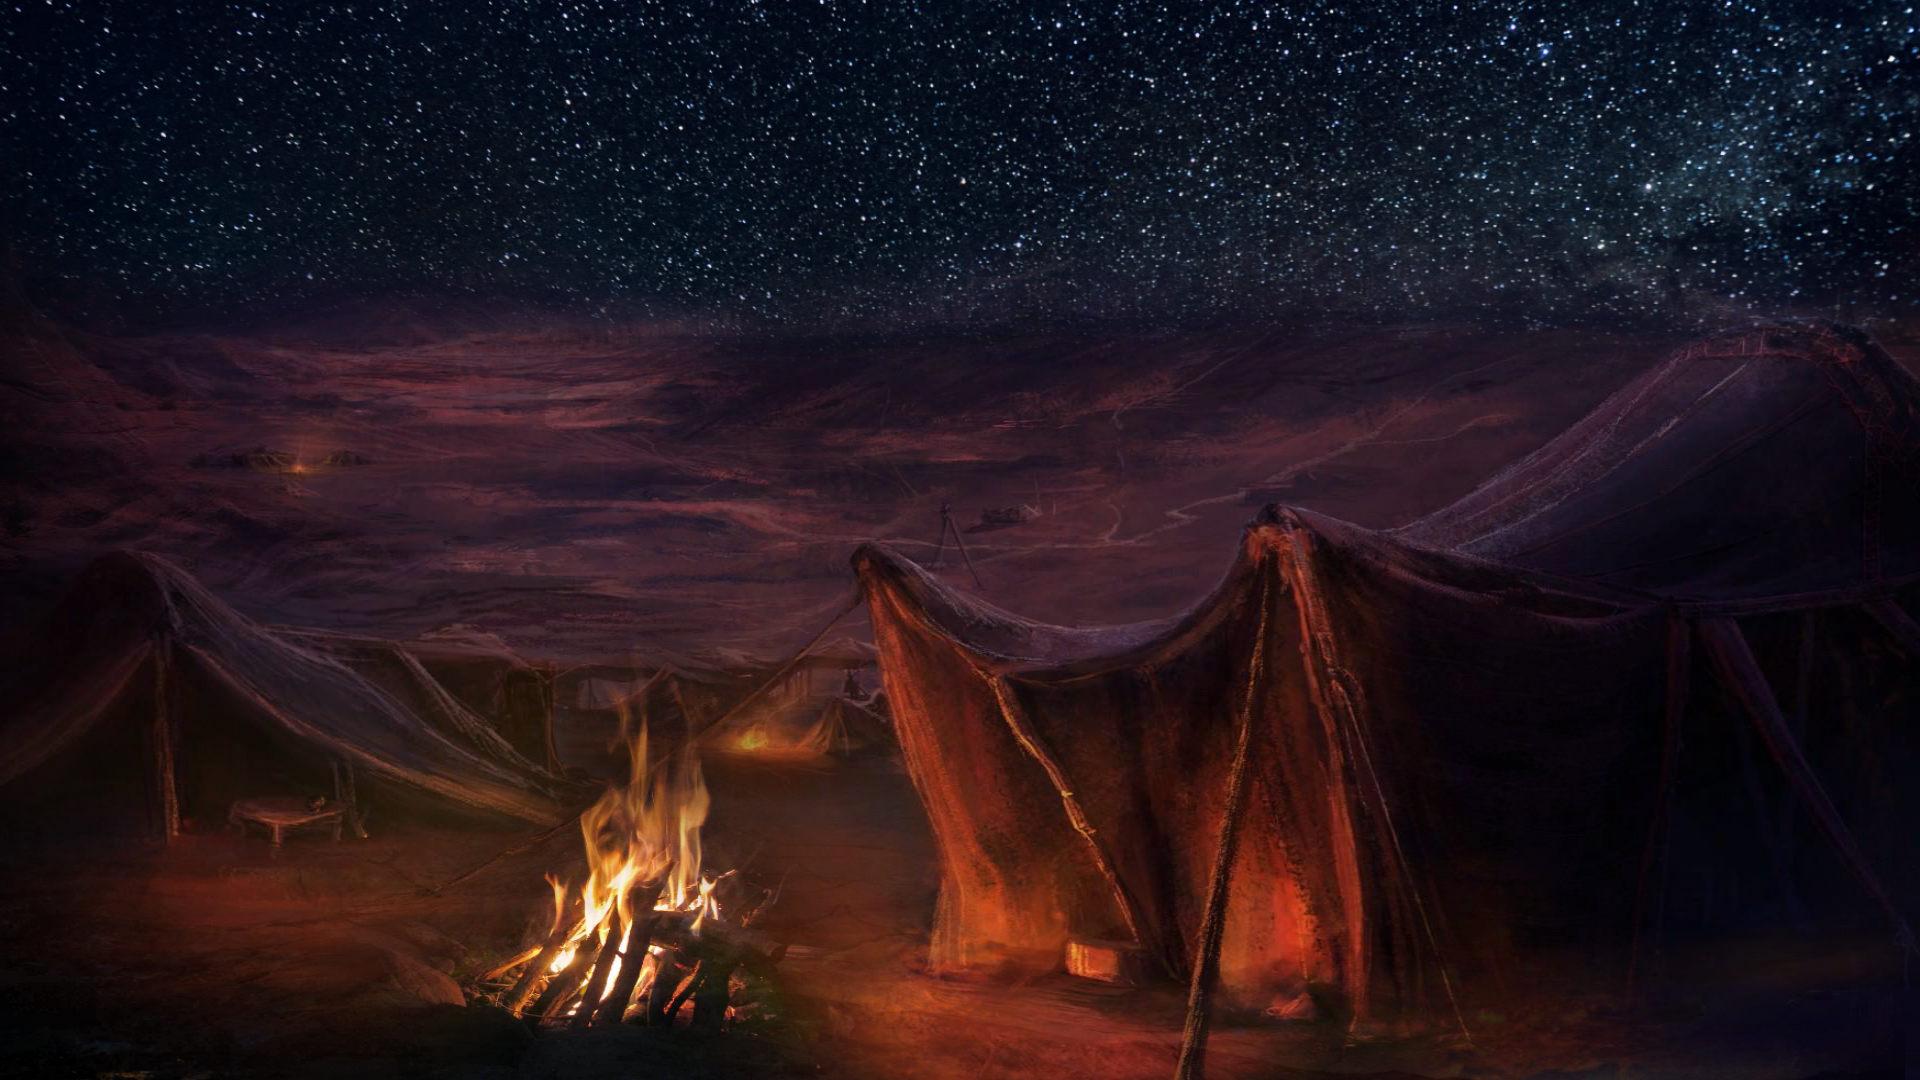 лагерь ночью, костёр и звёзды. самый редкий минерал на земле - slaveridge